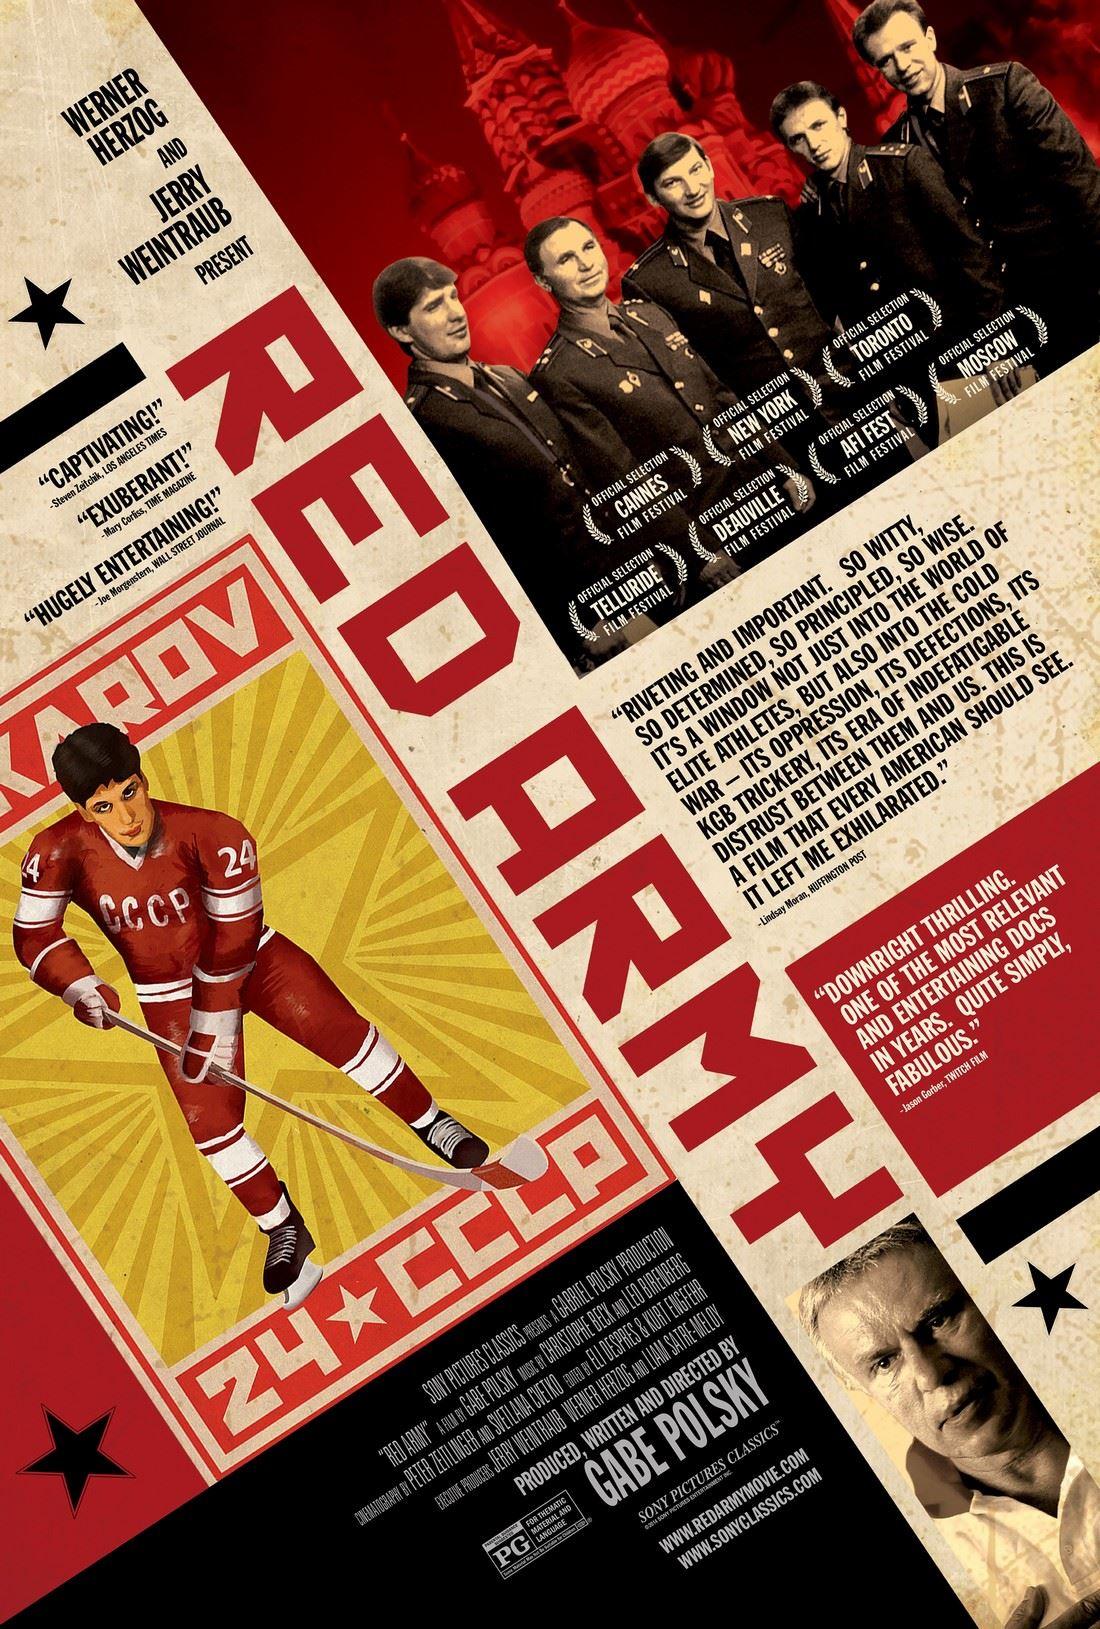 Bio i Åmsele - Red Army